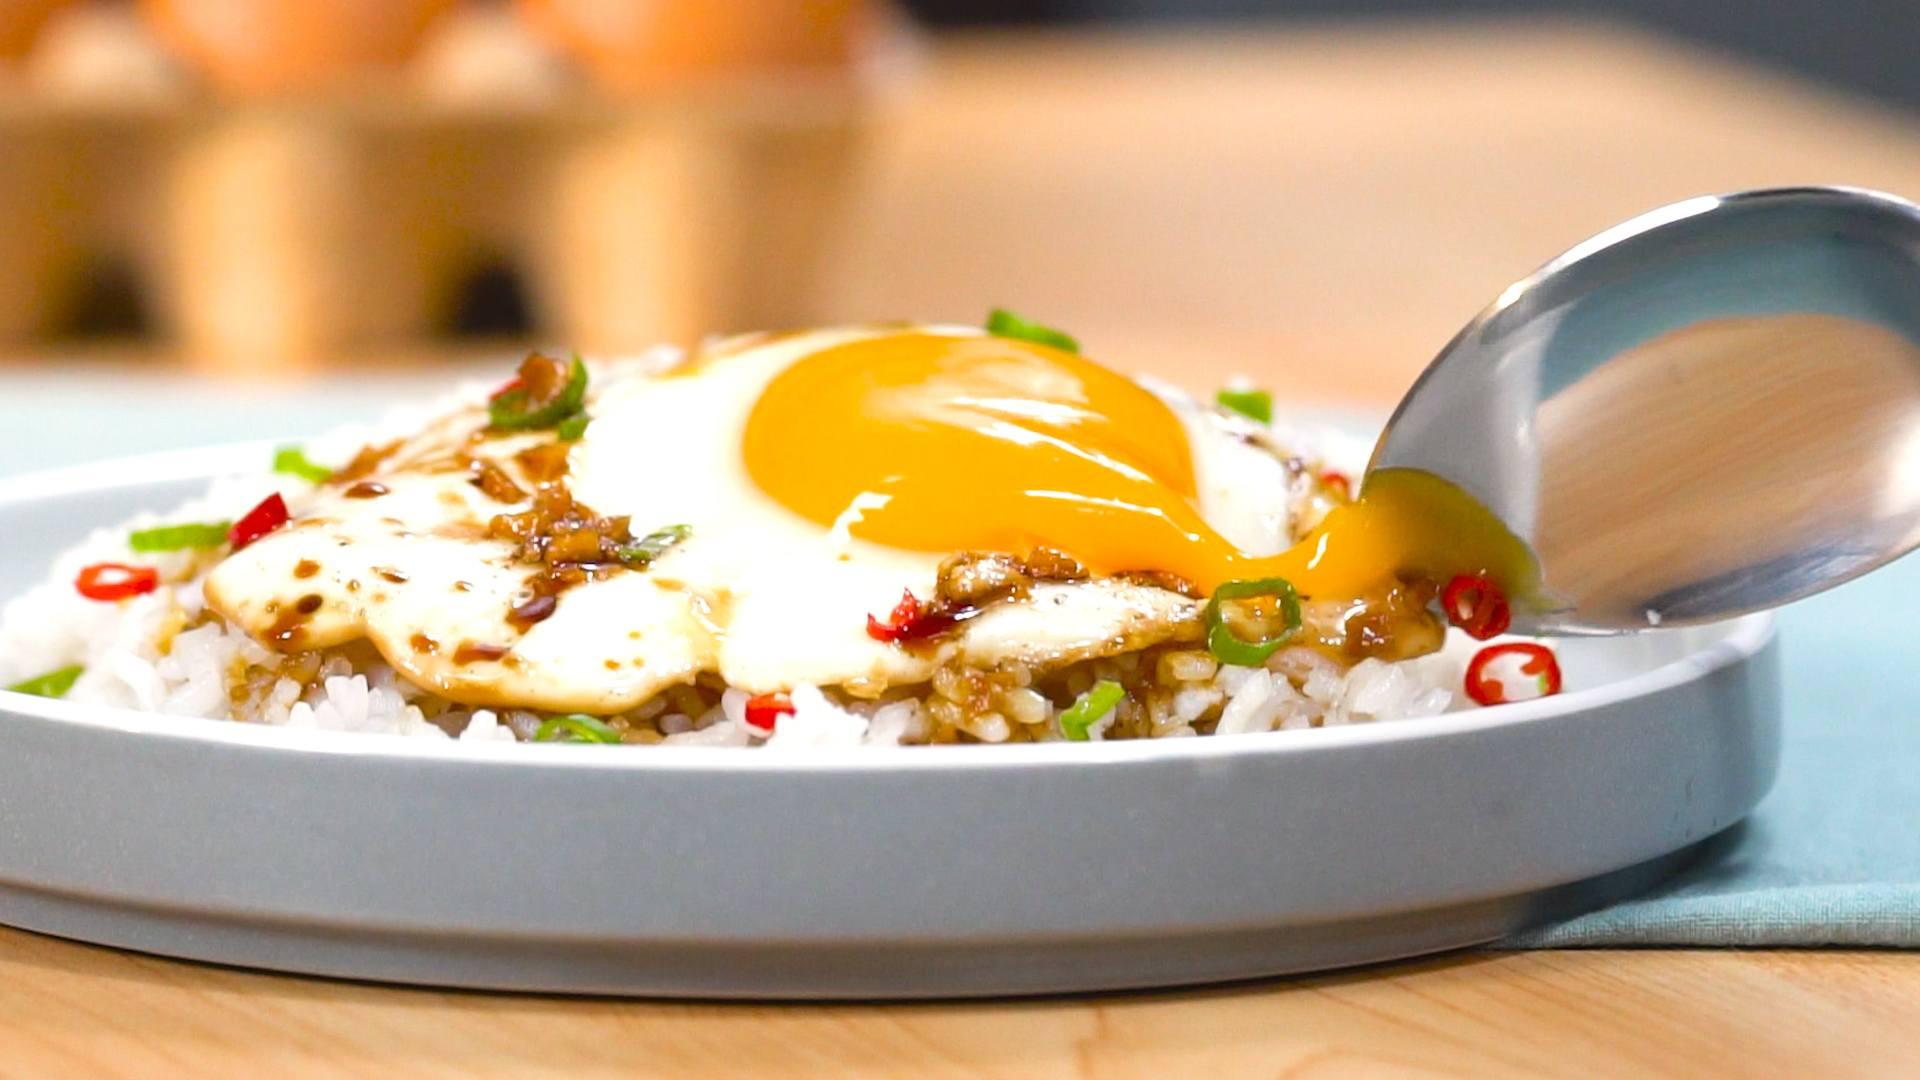 Resep Nasi Telur Pontianak Yang Terkenal Masak Apa Hari Ini